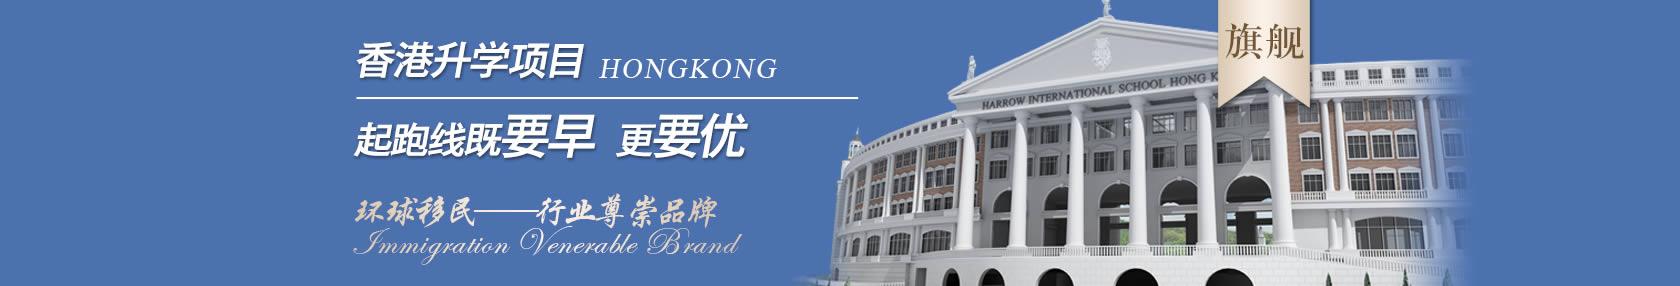 环球移民香港升学项目起跑线既要早更要优!